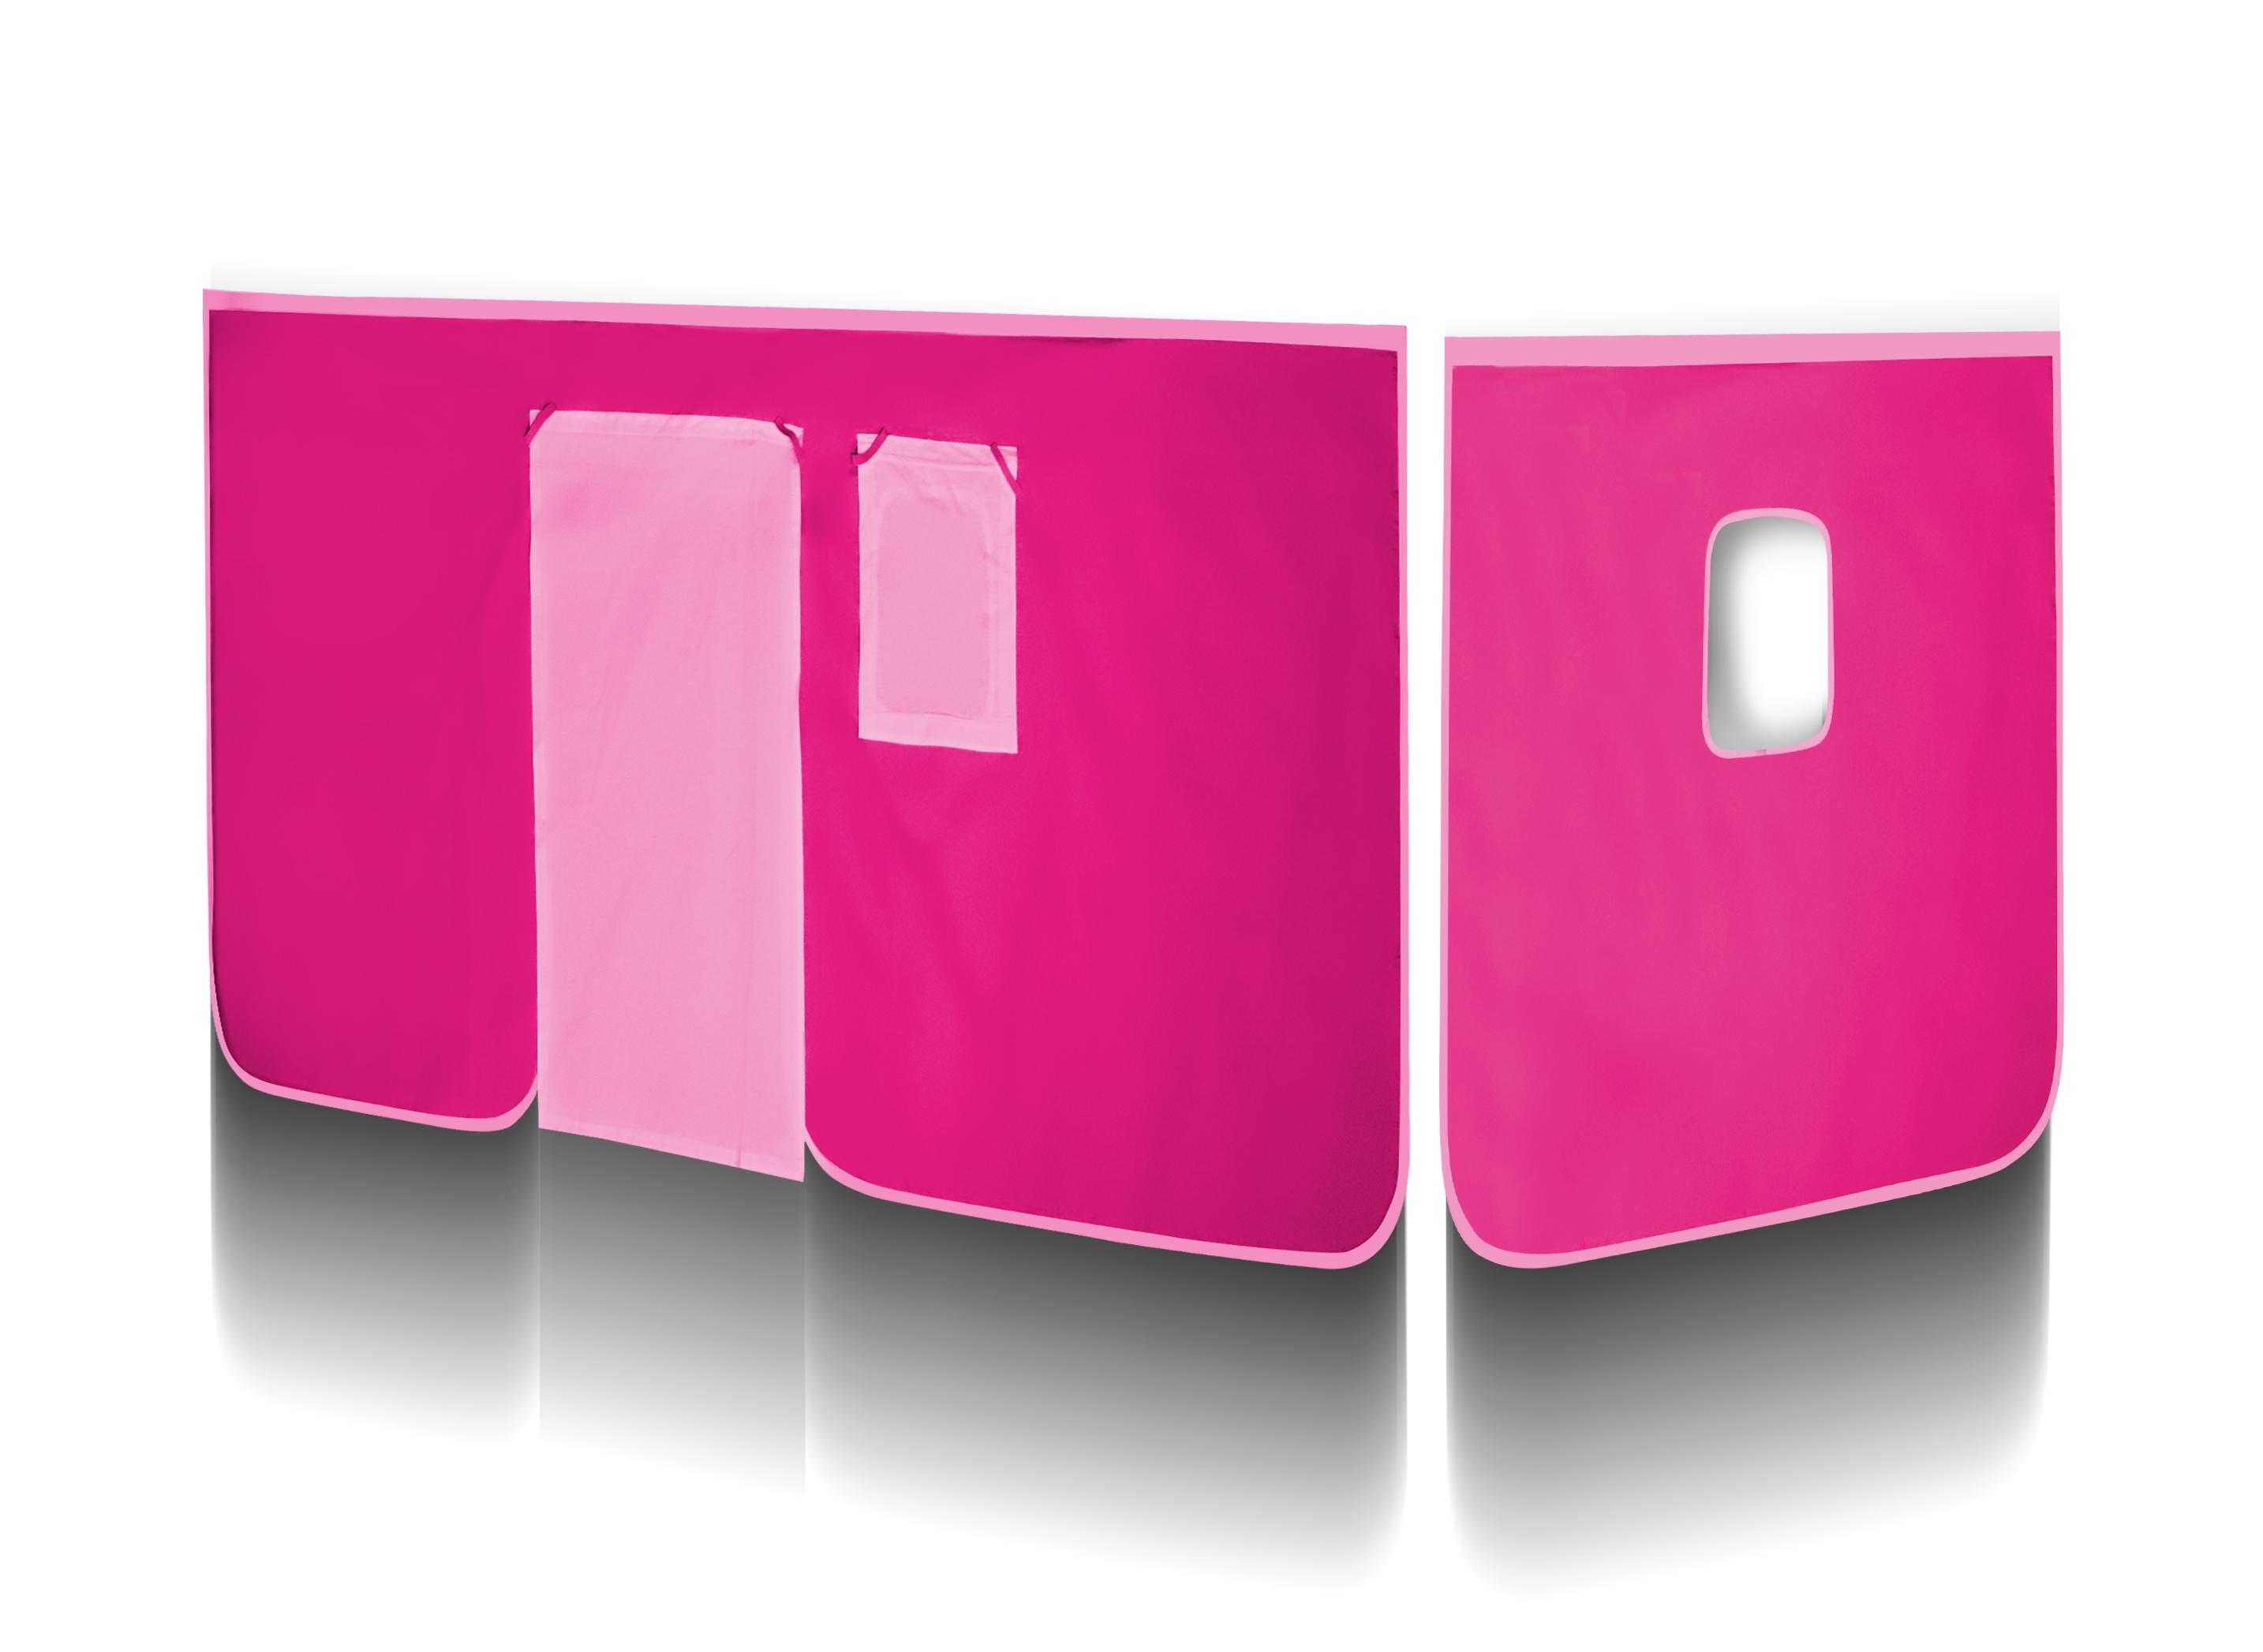 sixbros vorhang stoff set f r hochbett pink vh 1037 ebay. Black Bedroom Furniture Sets. Home Design Ideas